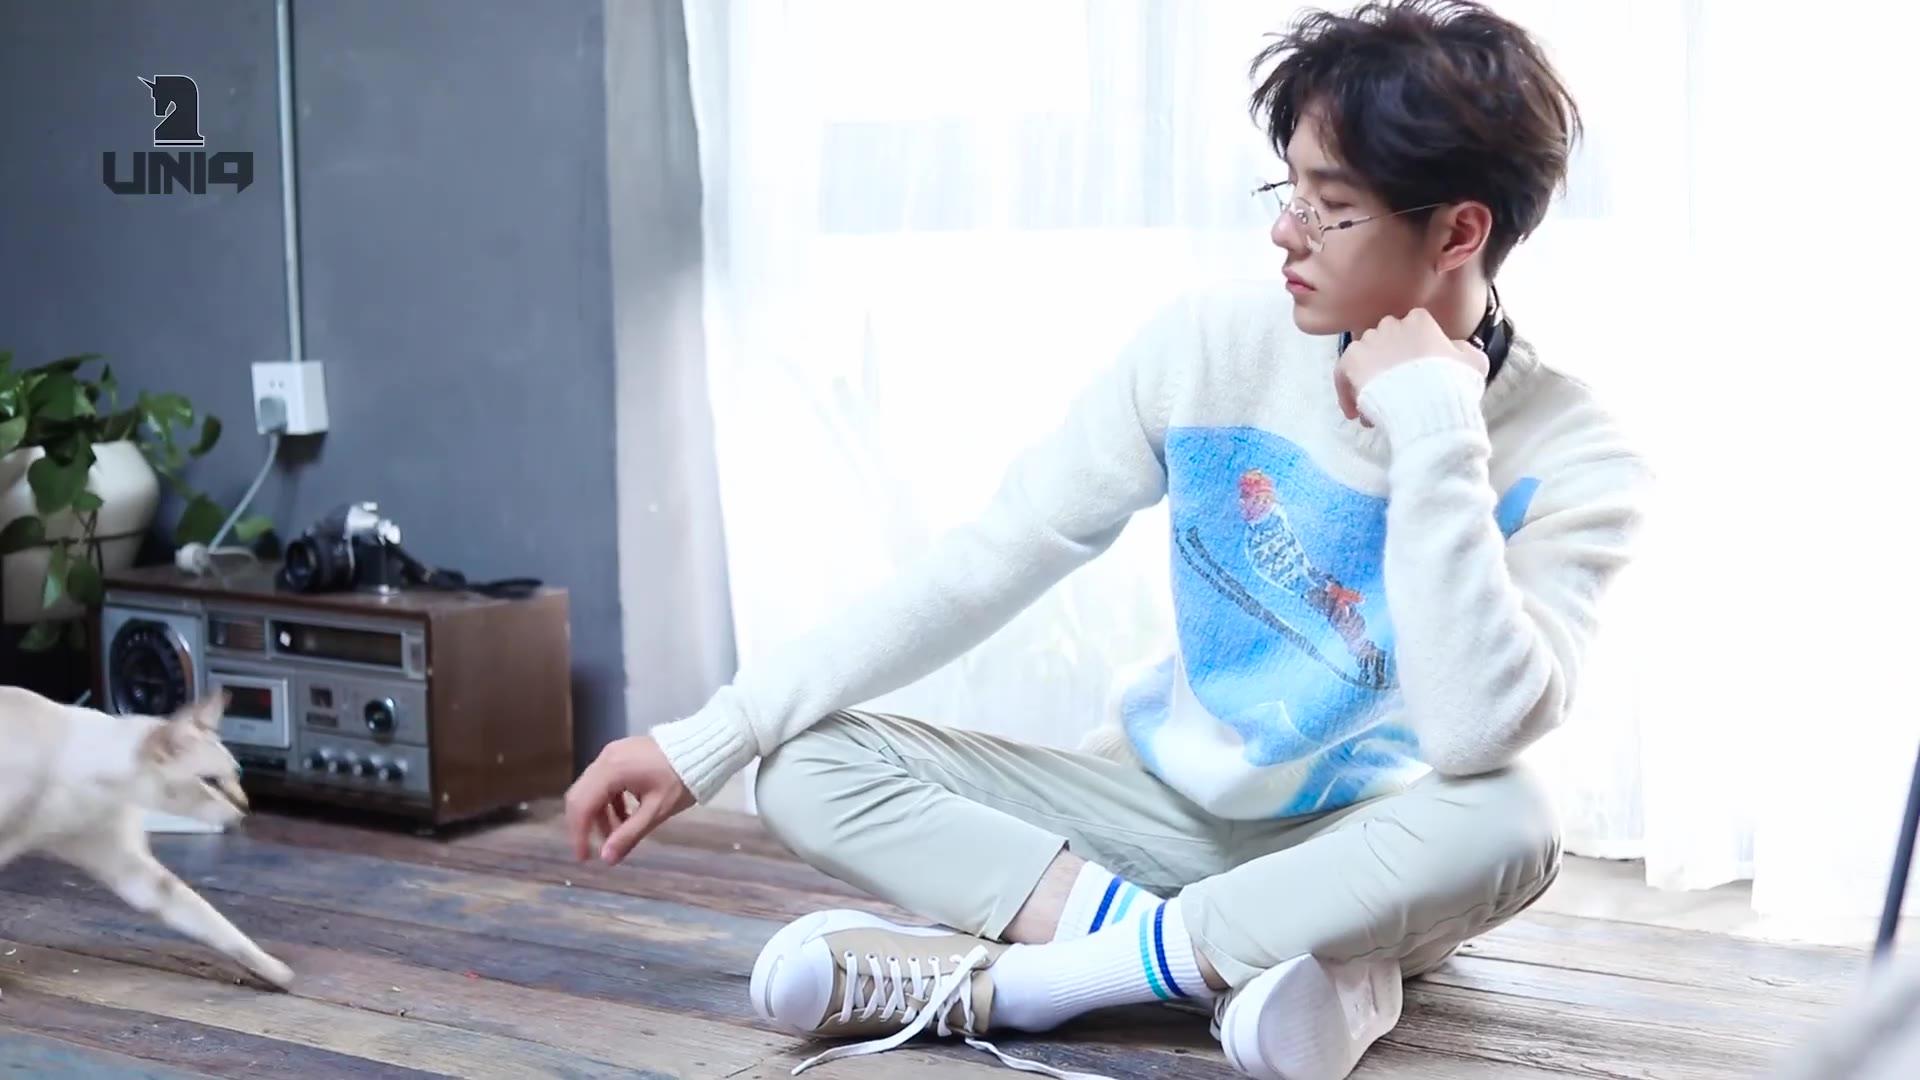 【王一博】【杂志花絮】UNIQ FASHION(持续更新 去片头)